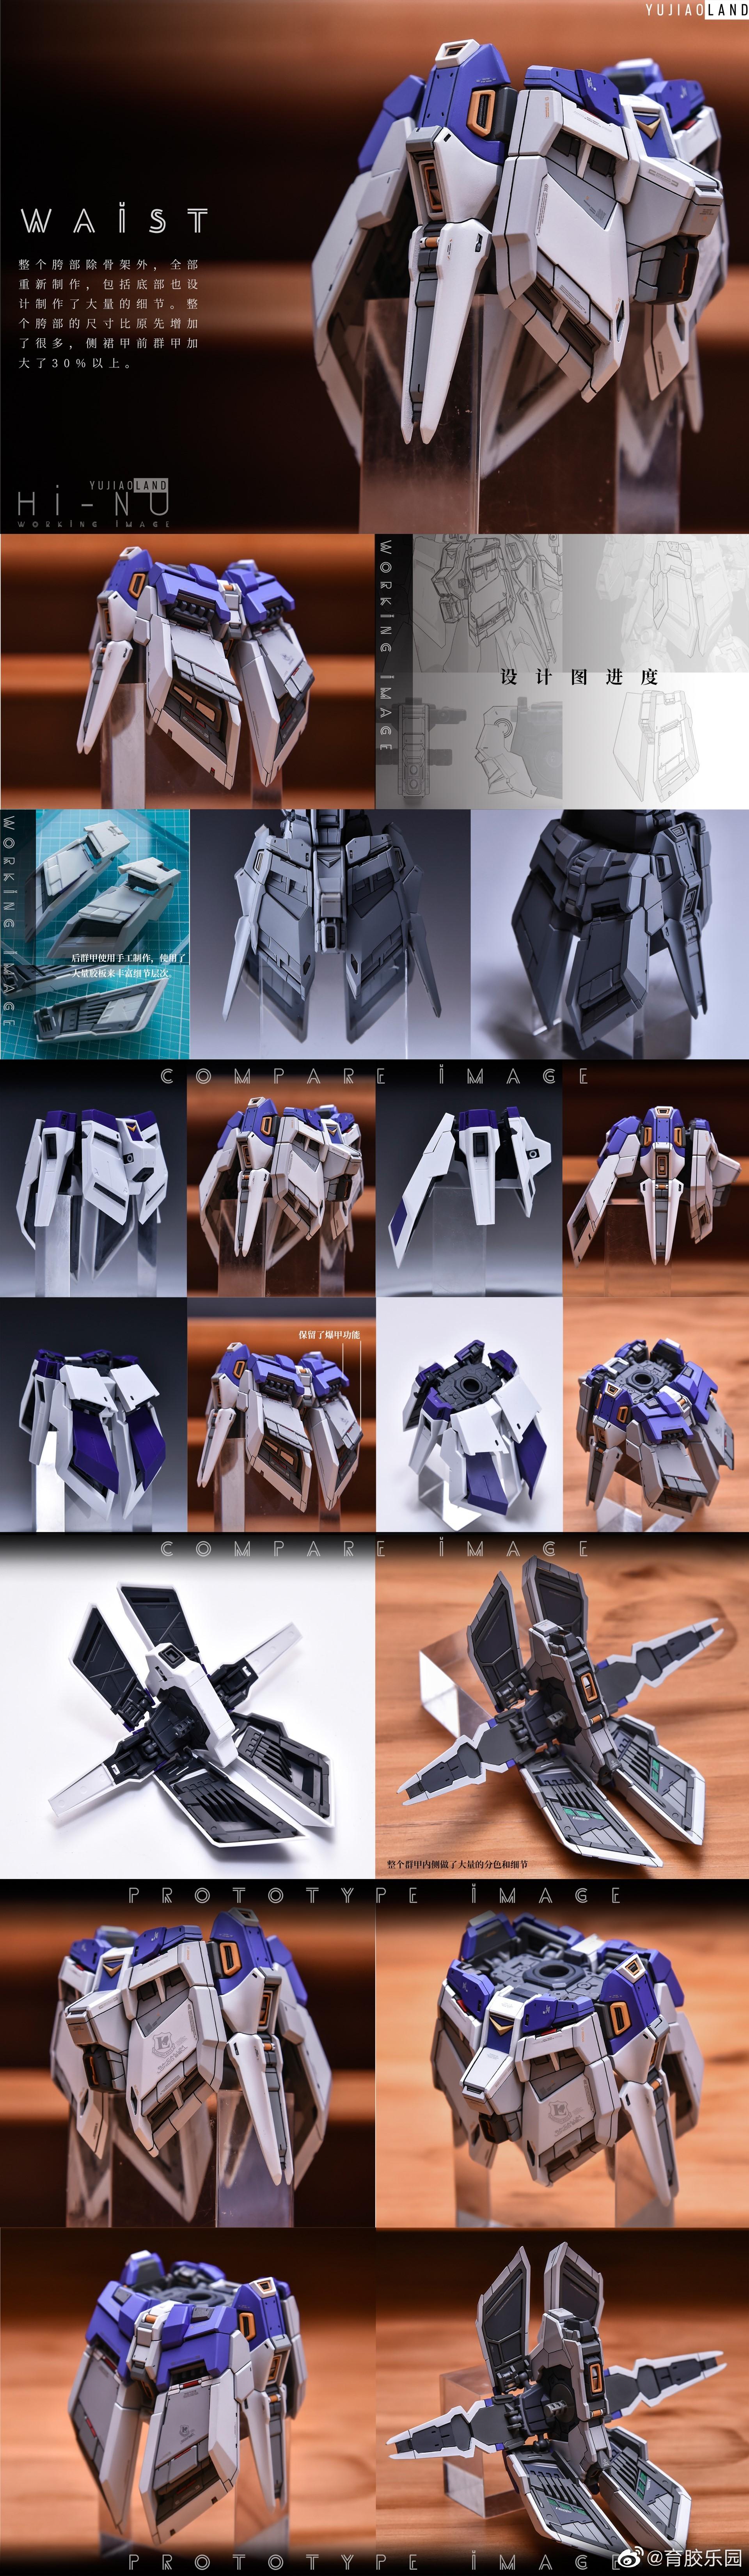 G438_2_MG_hi_nu_detail_003.jpg